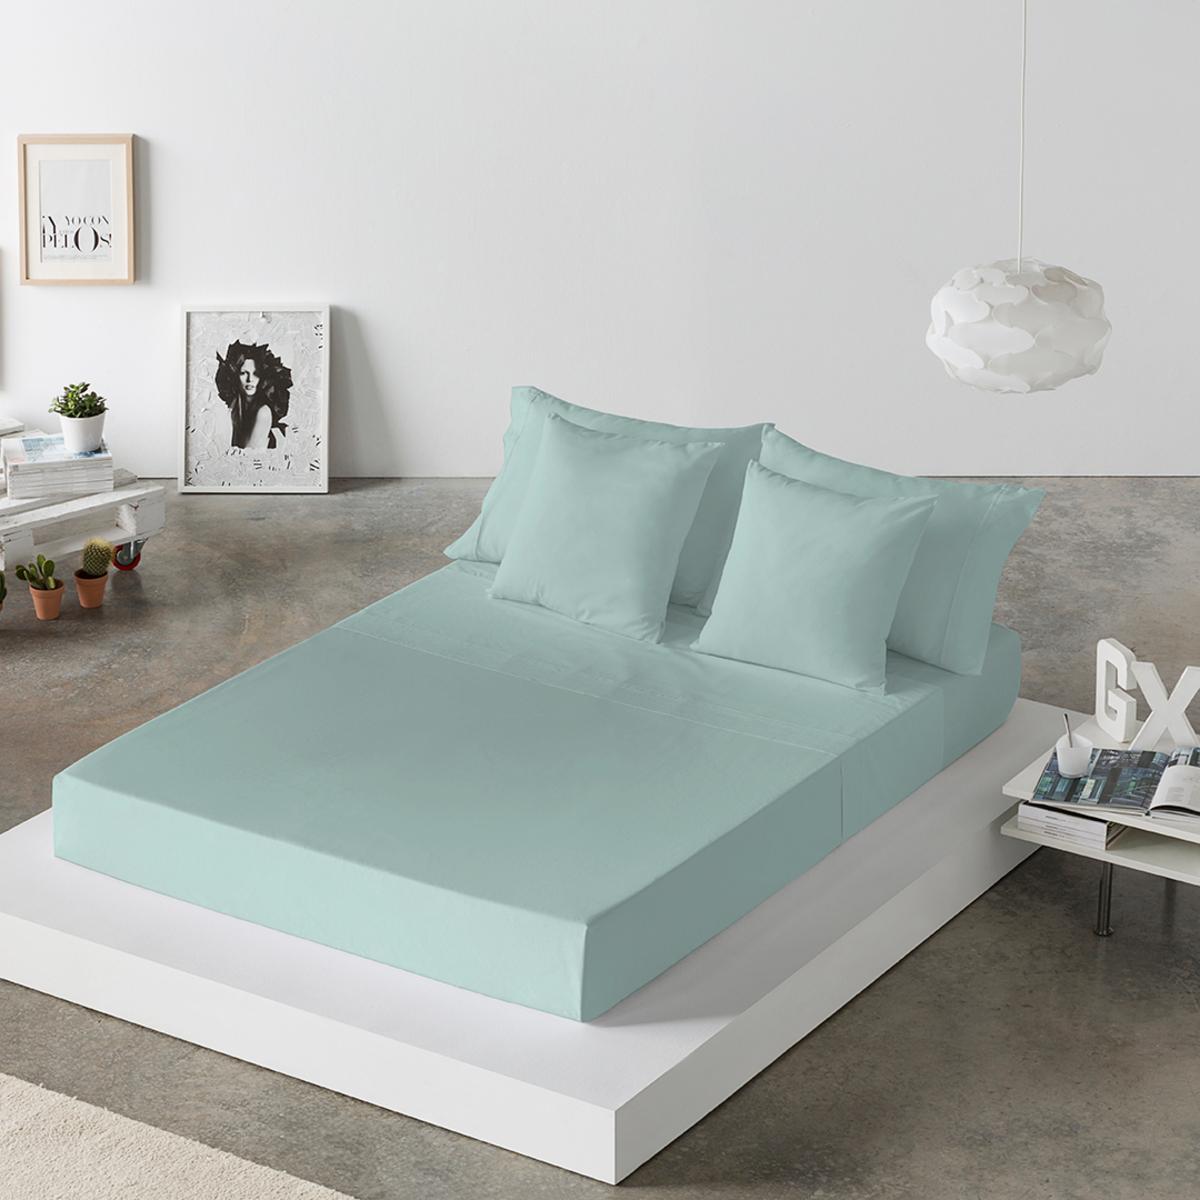 Drap de lit en coton vert 250x280